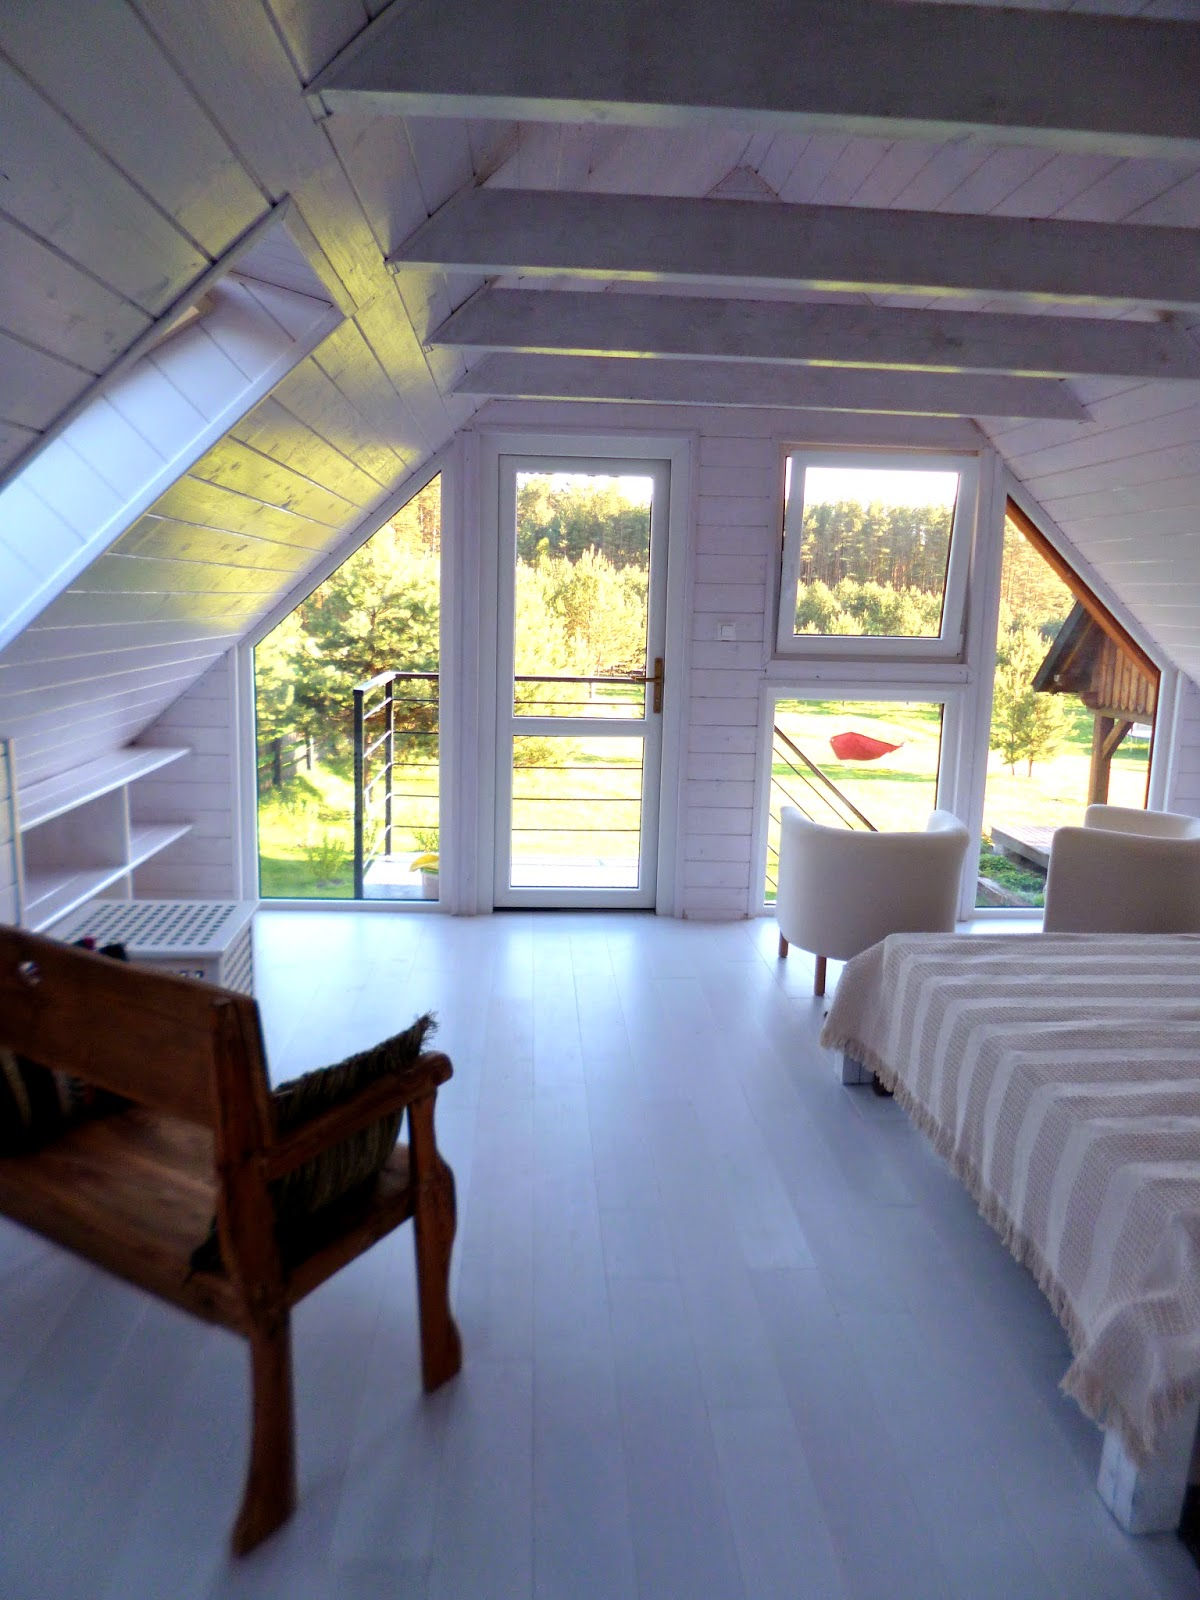 pokój z widokiem - apartament w Koprach